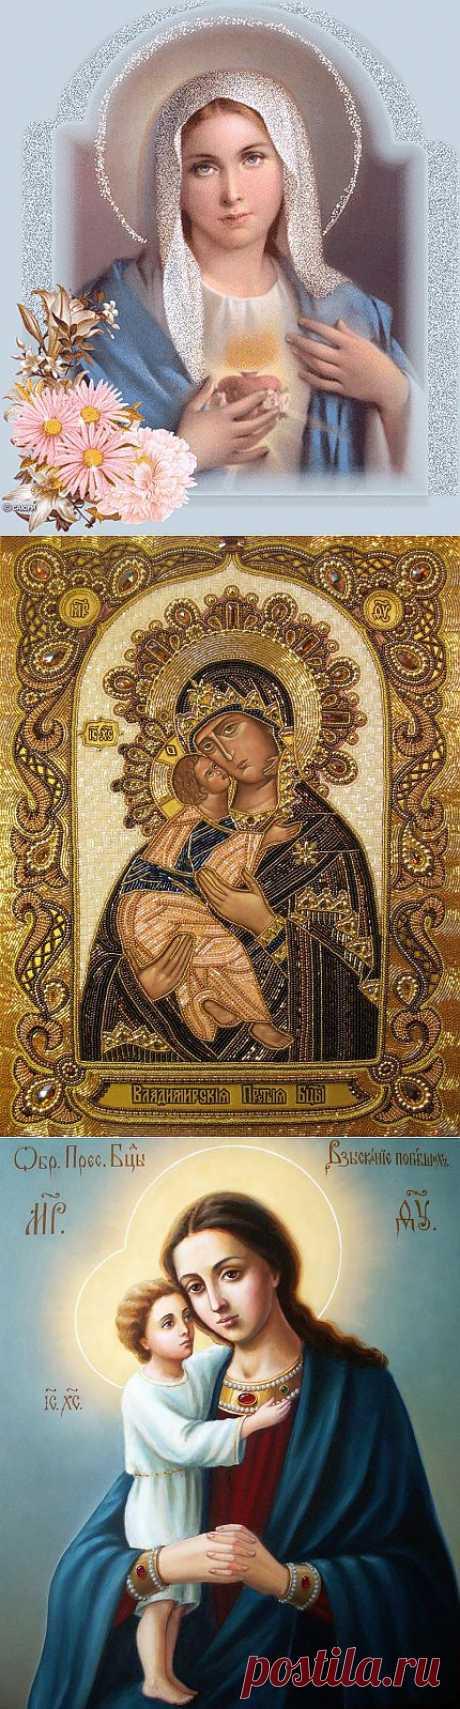 У каждого есть свой ангел-хранитель и своя икона-заступница..